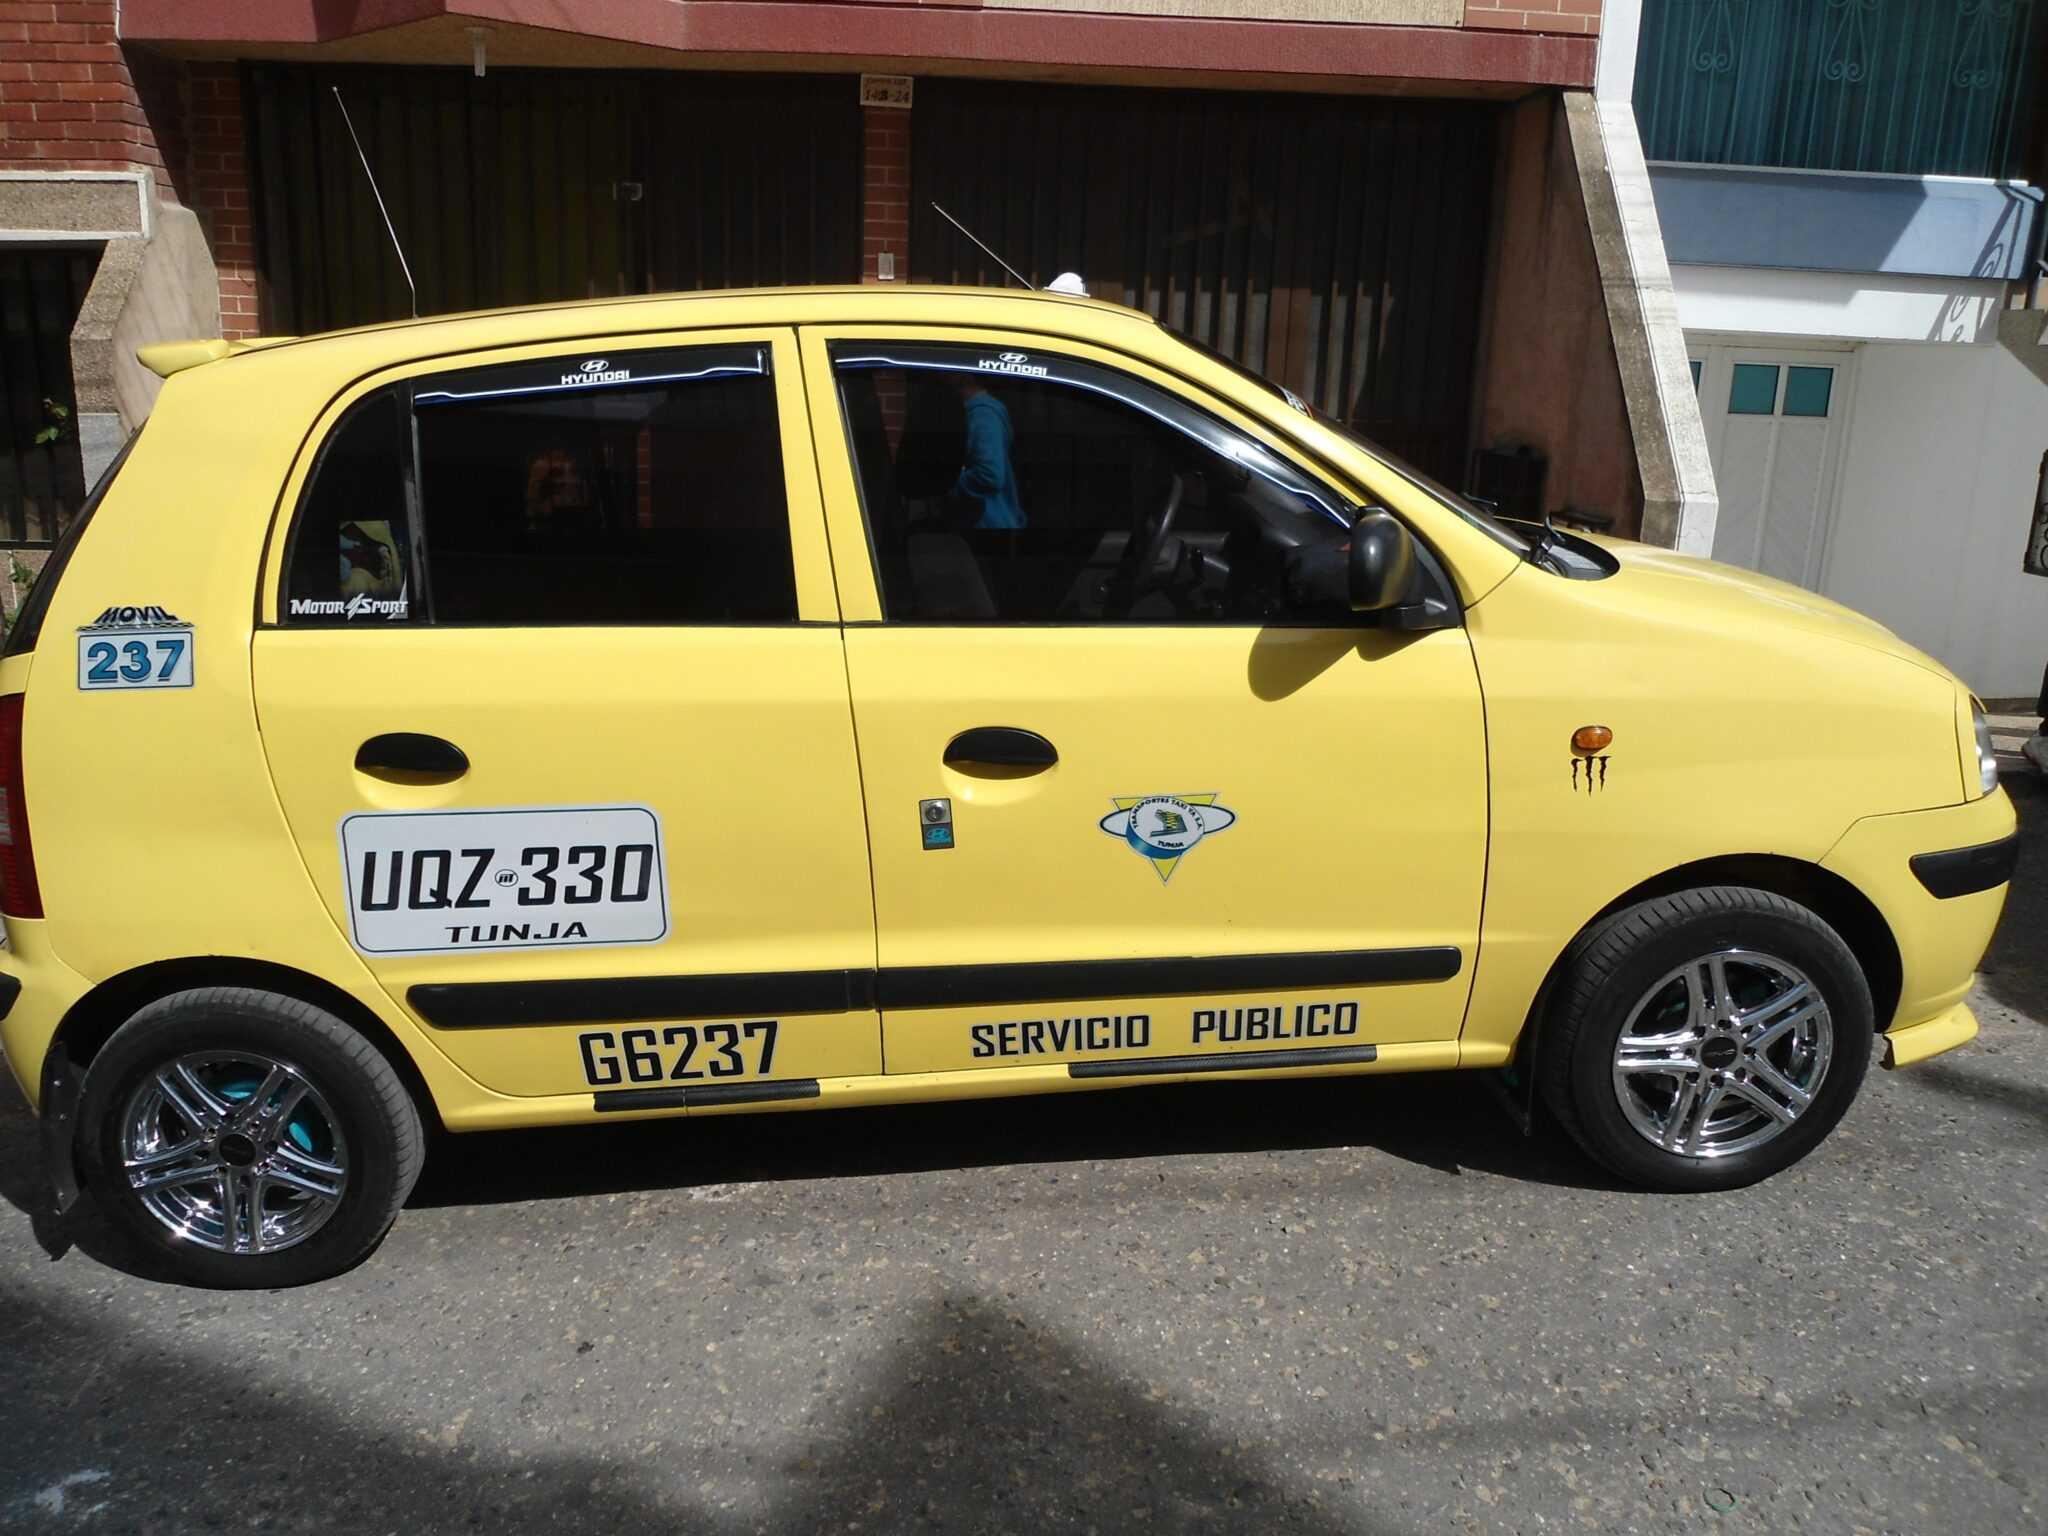 Taxis Madrid Cundinamarca Teléfono, Central de Taxi Madrid Cundinamarca Teléfono Radio